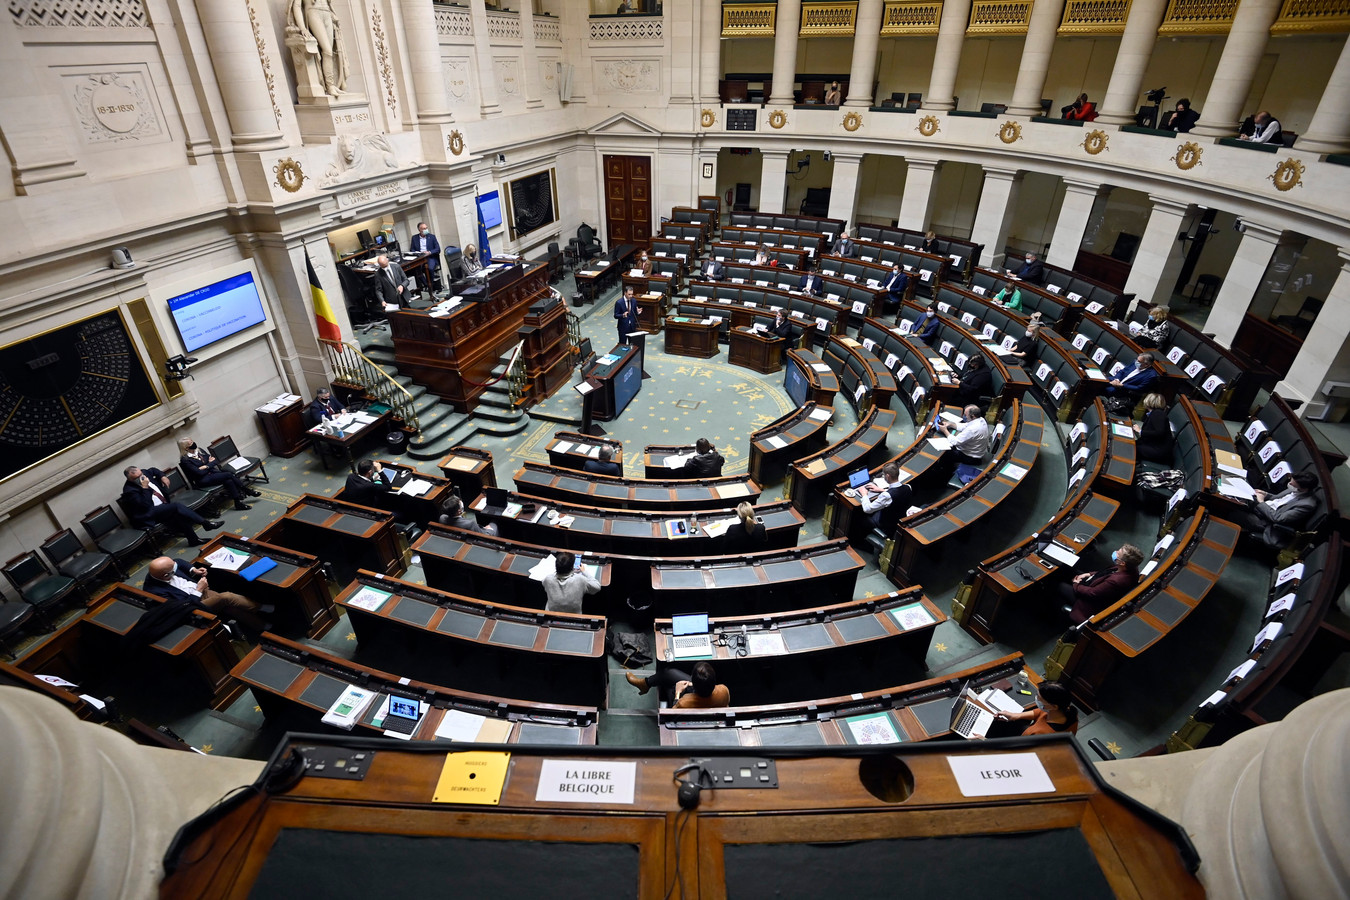 De Kamer in Brussel.